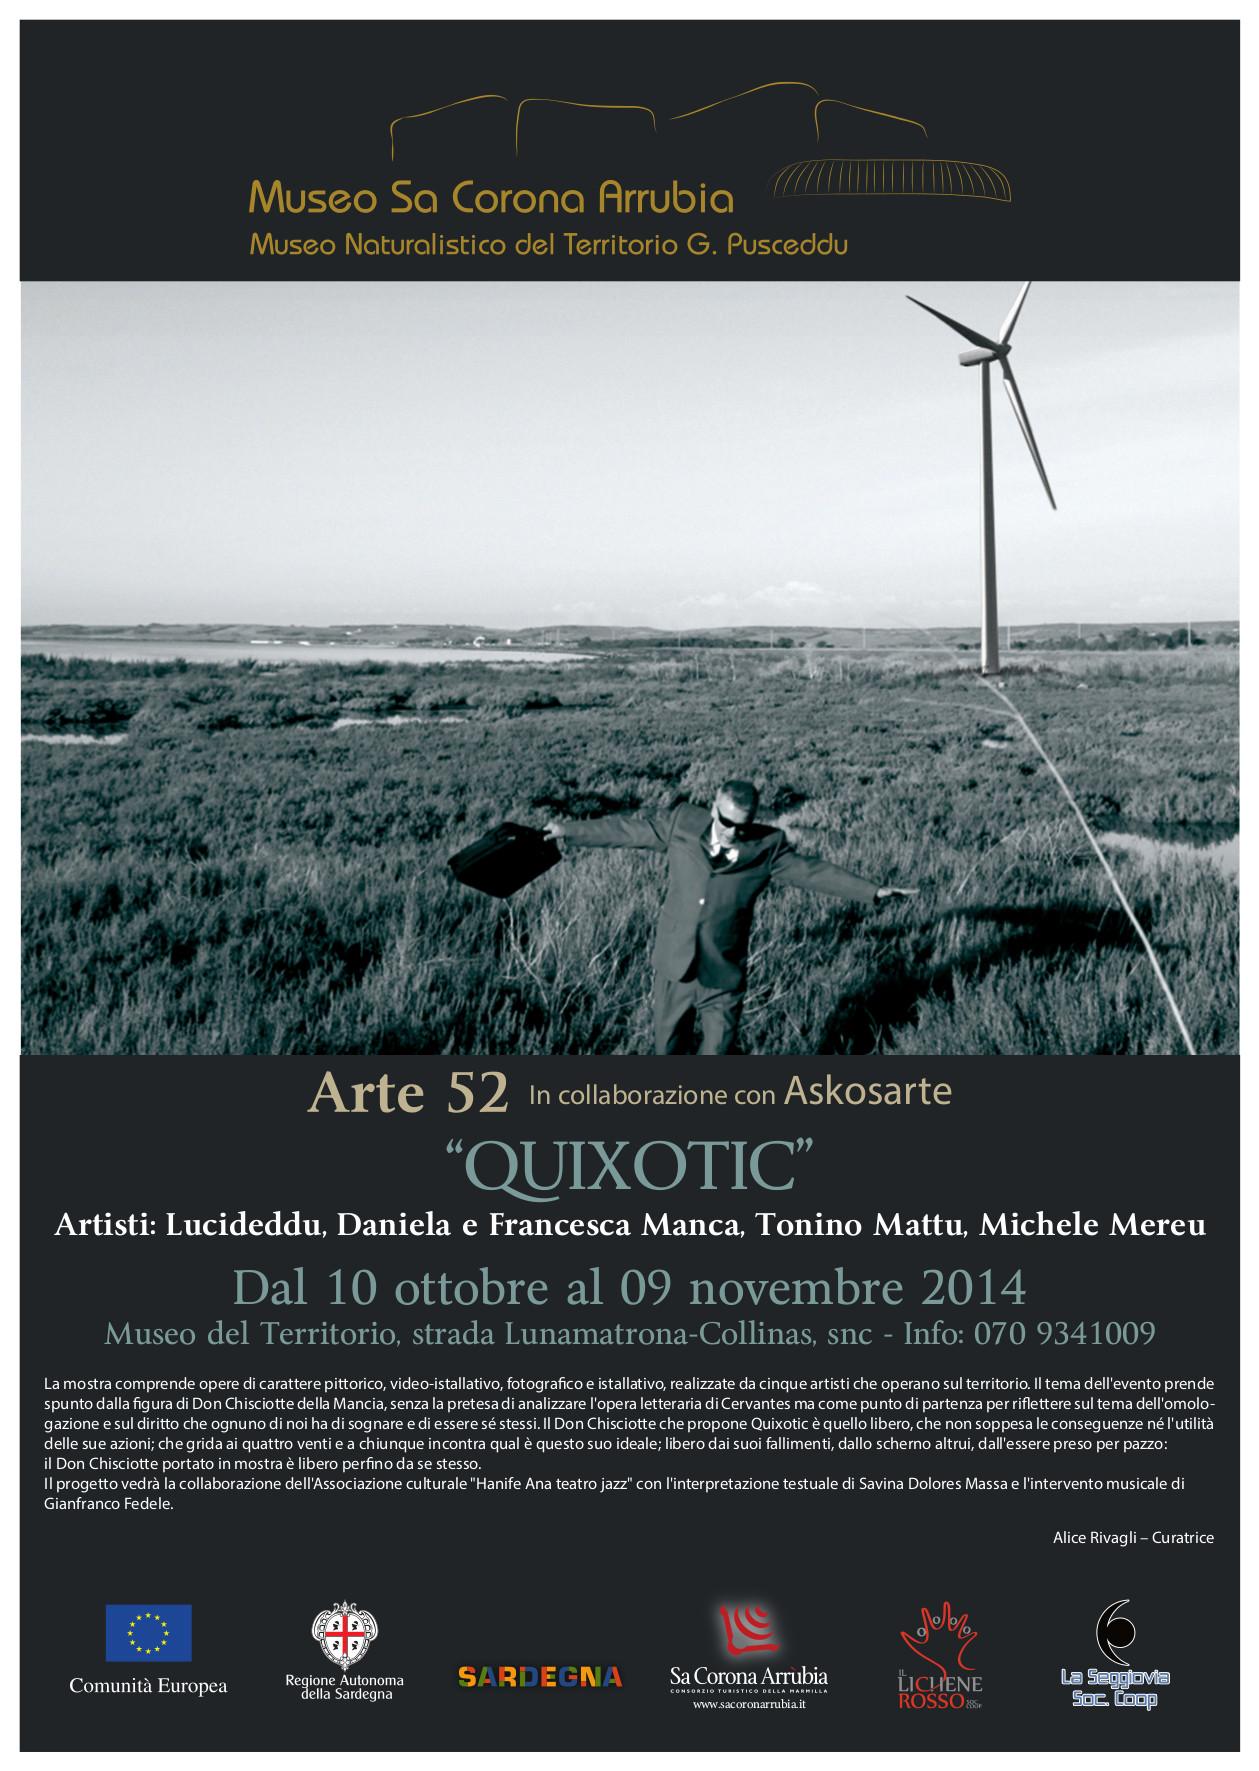 """""""QUIXOTIC"""" dal 10 ottobre al 9 novembre 2014 al Museo naturalistico del territorio """"G. Pusceddu""""."""